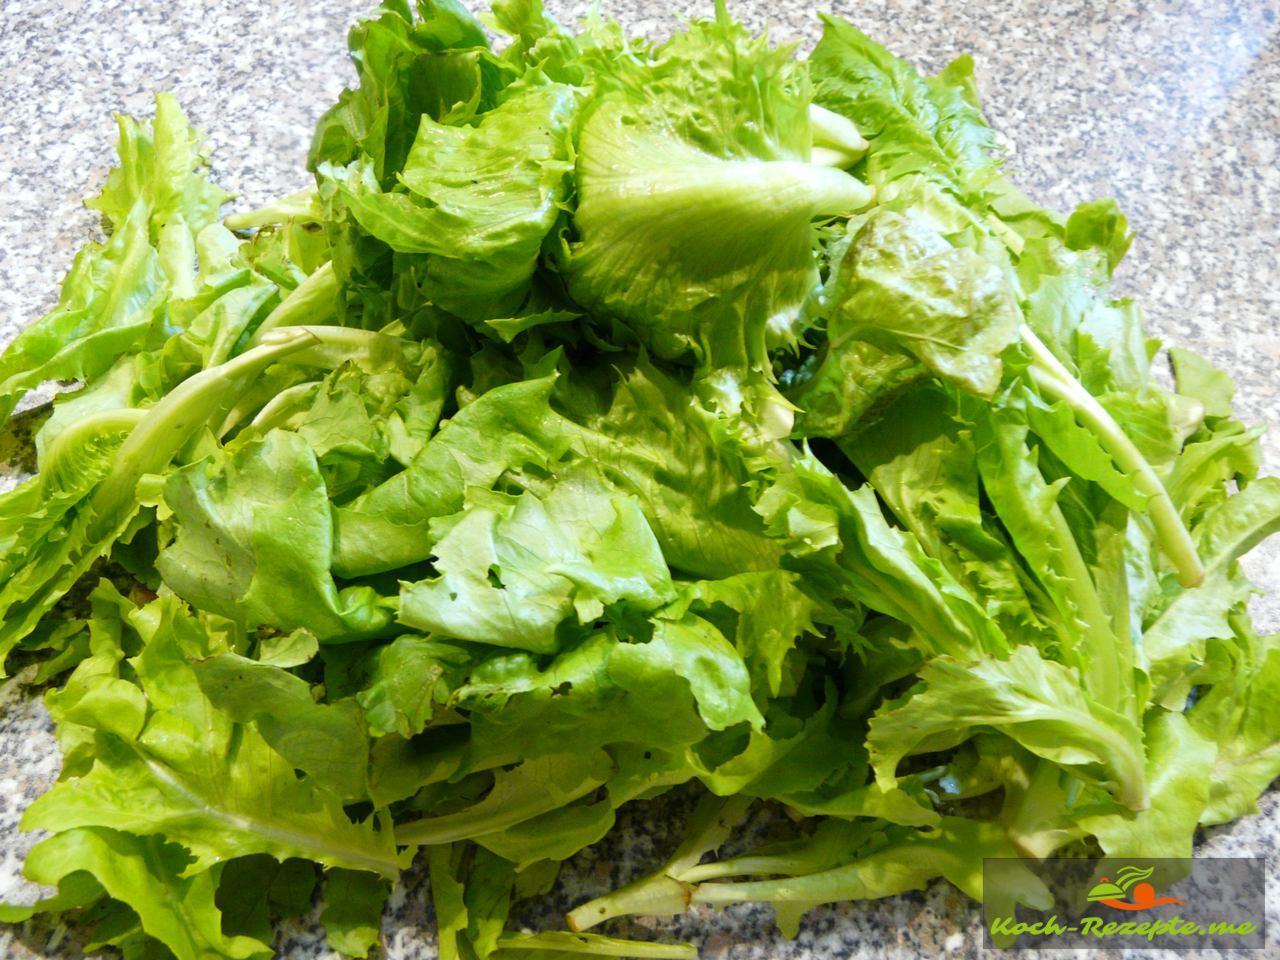 frischer Romanasalat aus dem Garten